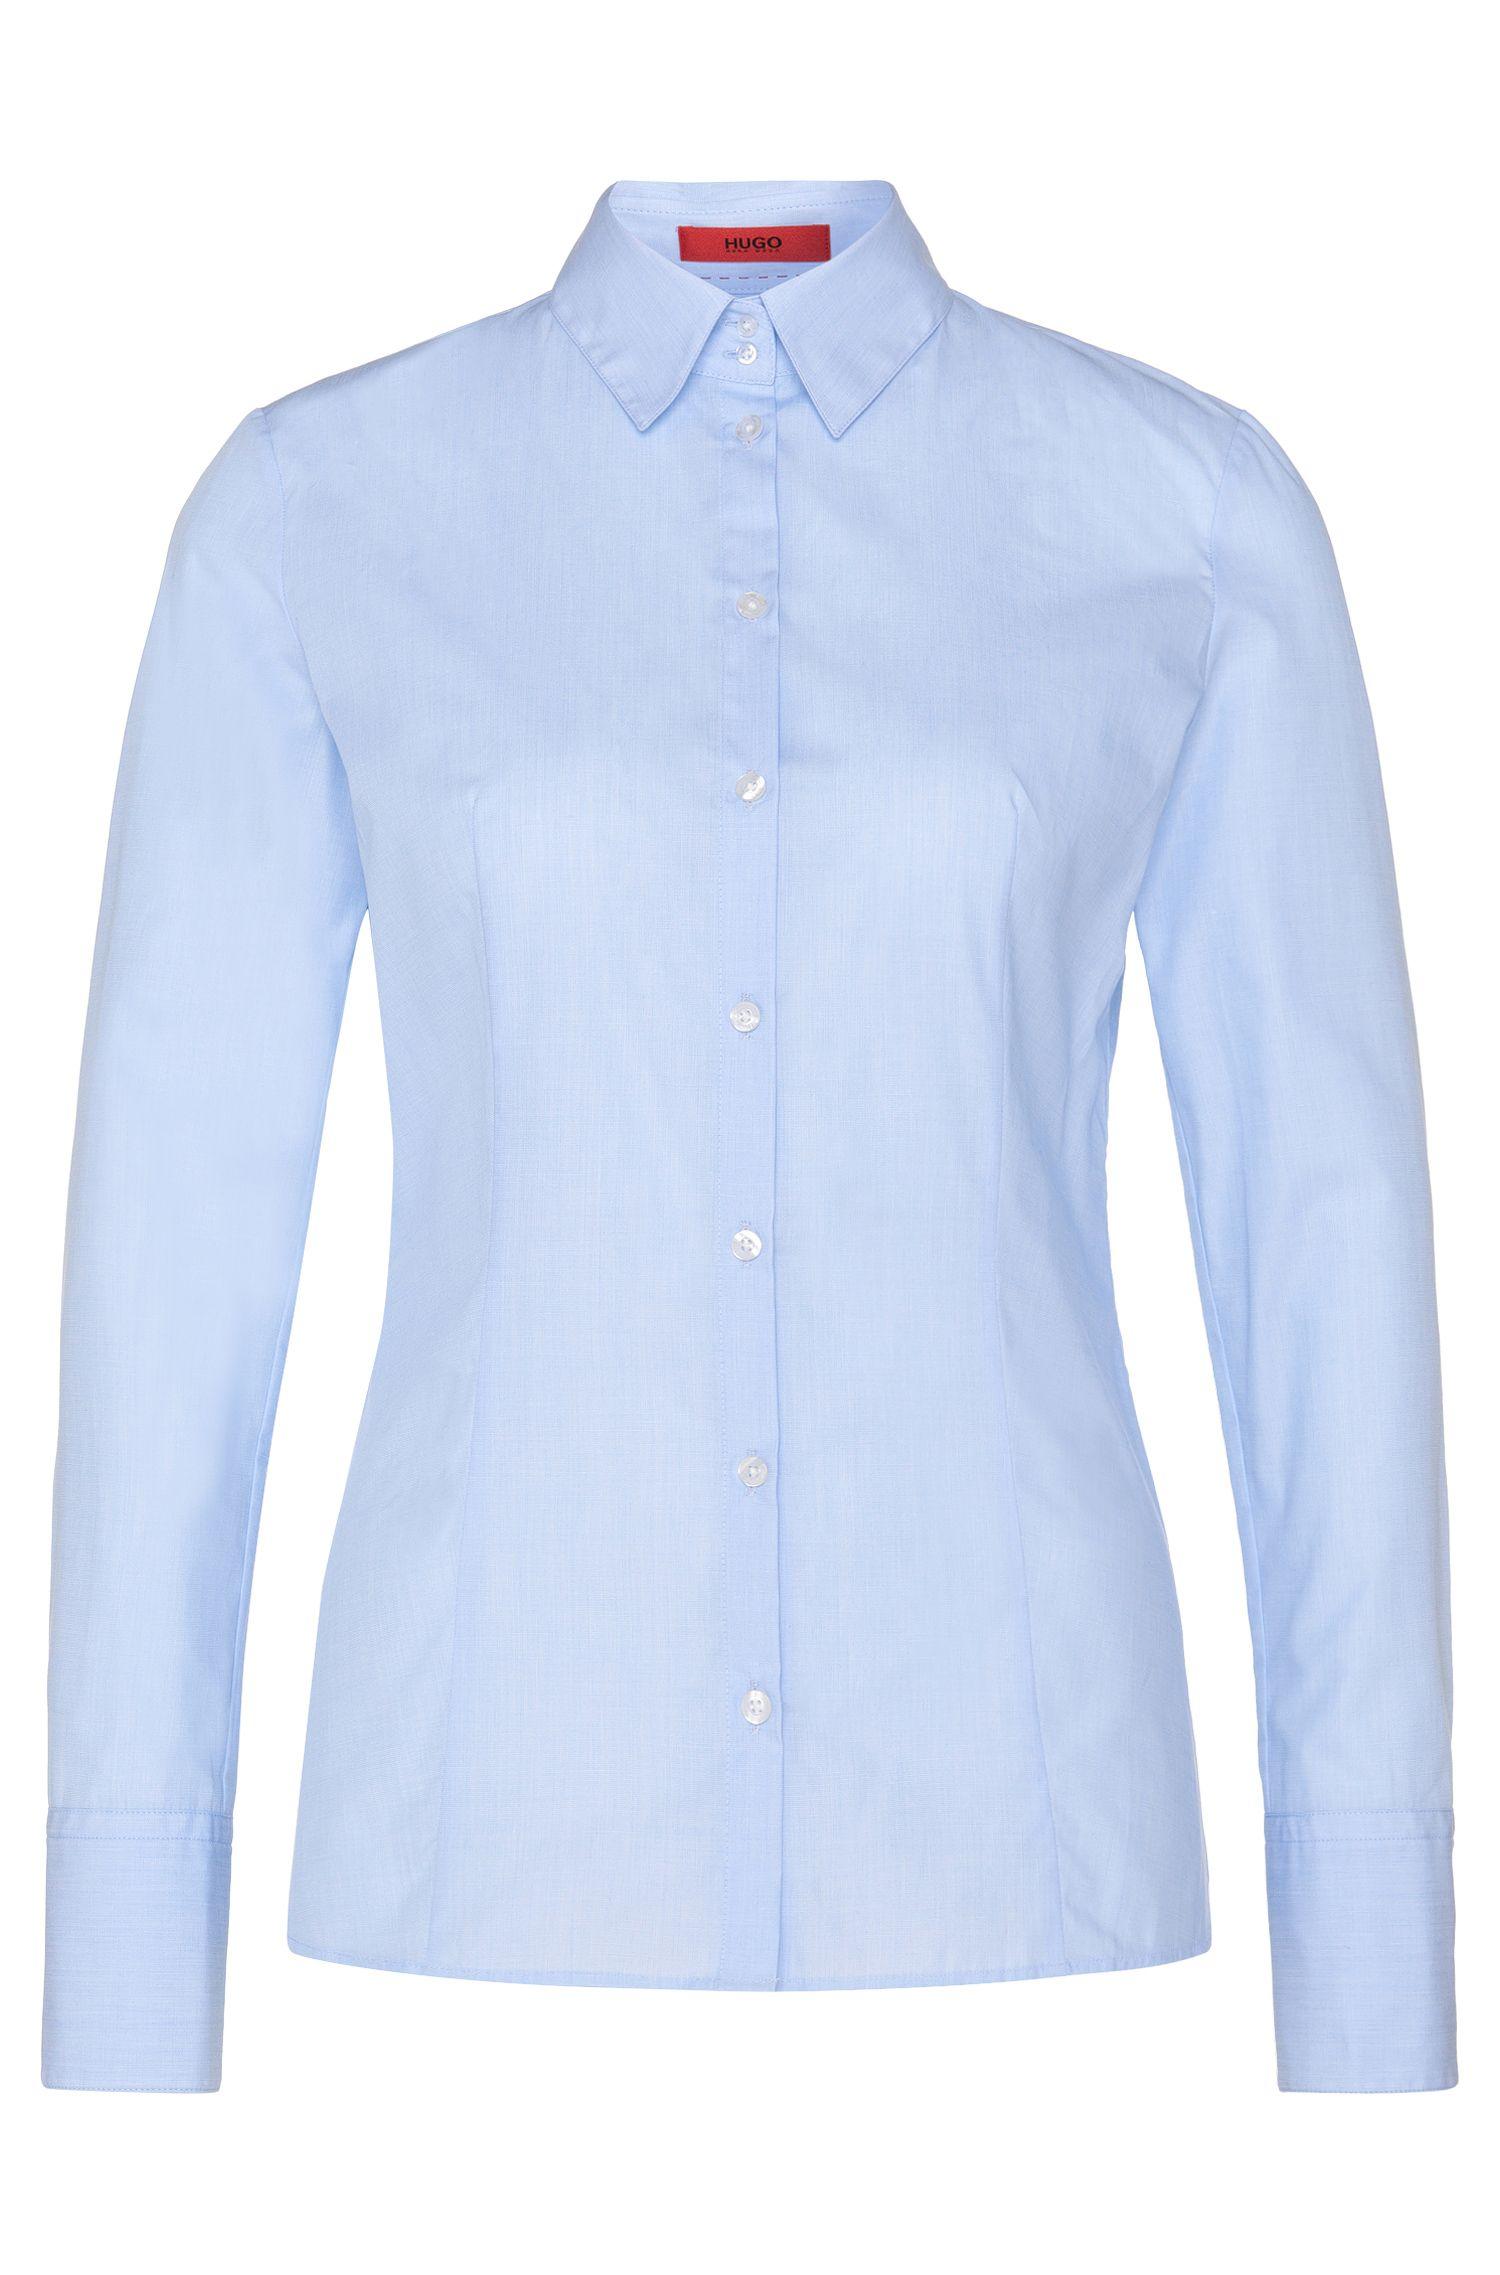 Unifarbene Hemdbluse aus reiner Baumwolle: 'Etrixe1'